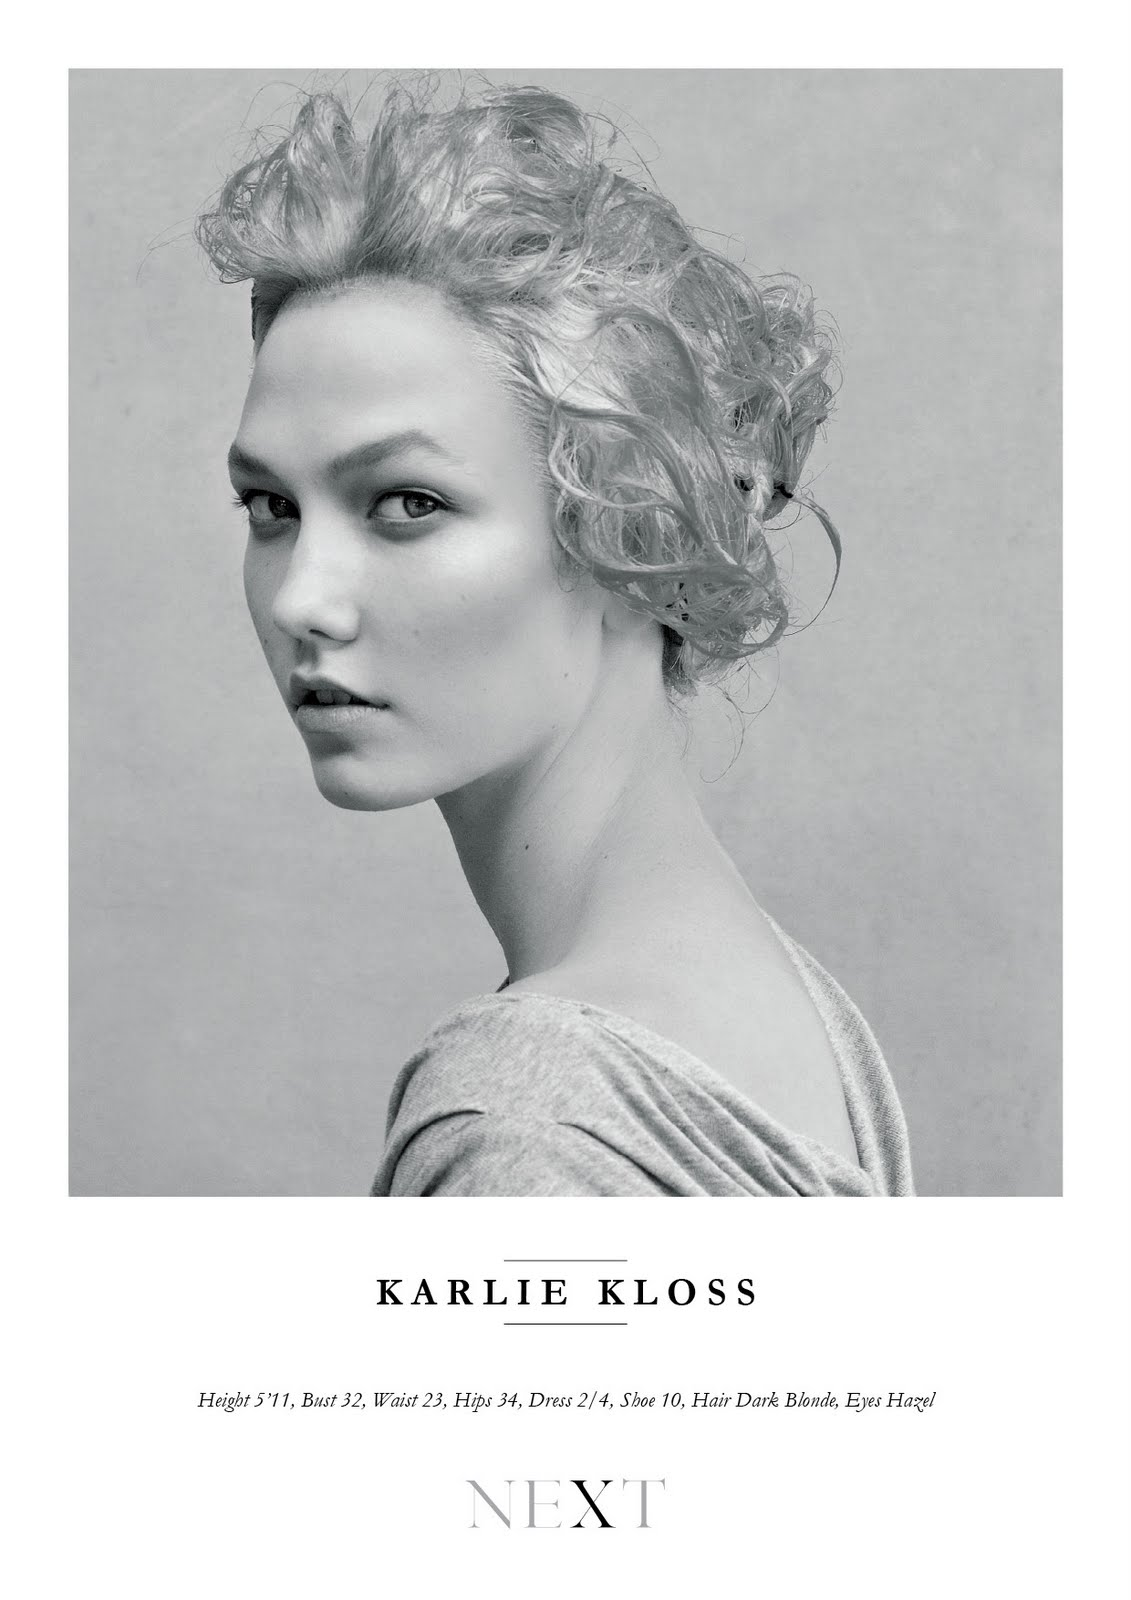 http://1.bp.blogspot.com/_ogSQjynqHEE/THwgoXCB0HI/AAAAAAAAEEM/uUNGg2v5dM4/s1600/Karlie+Kloss.jpg